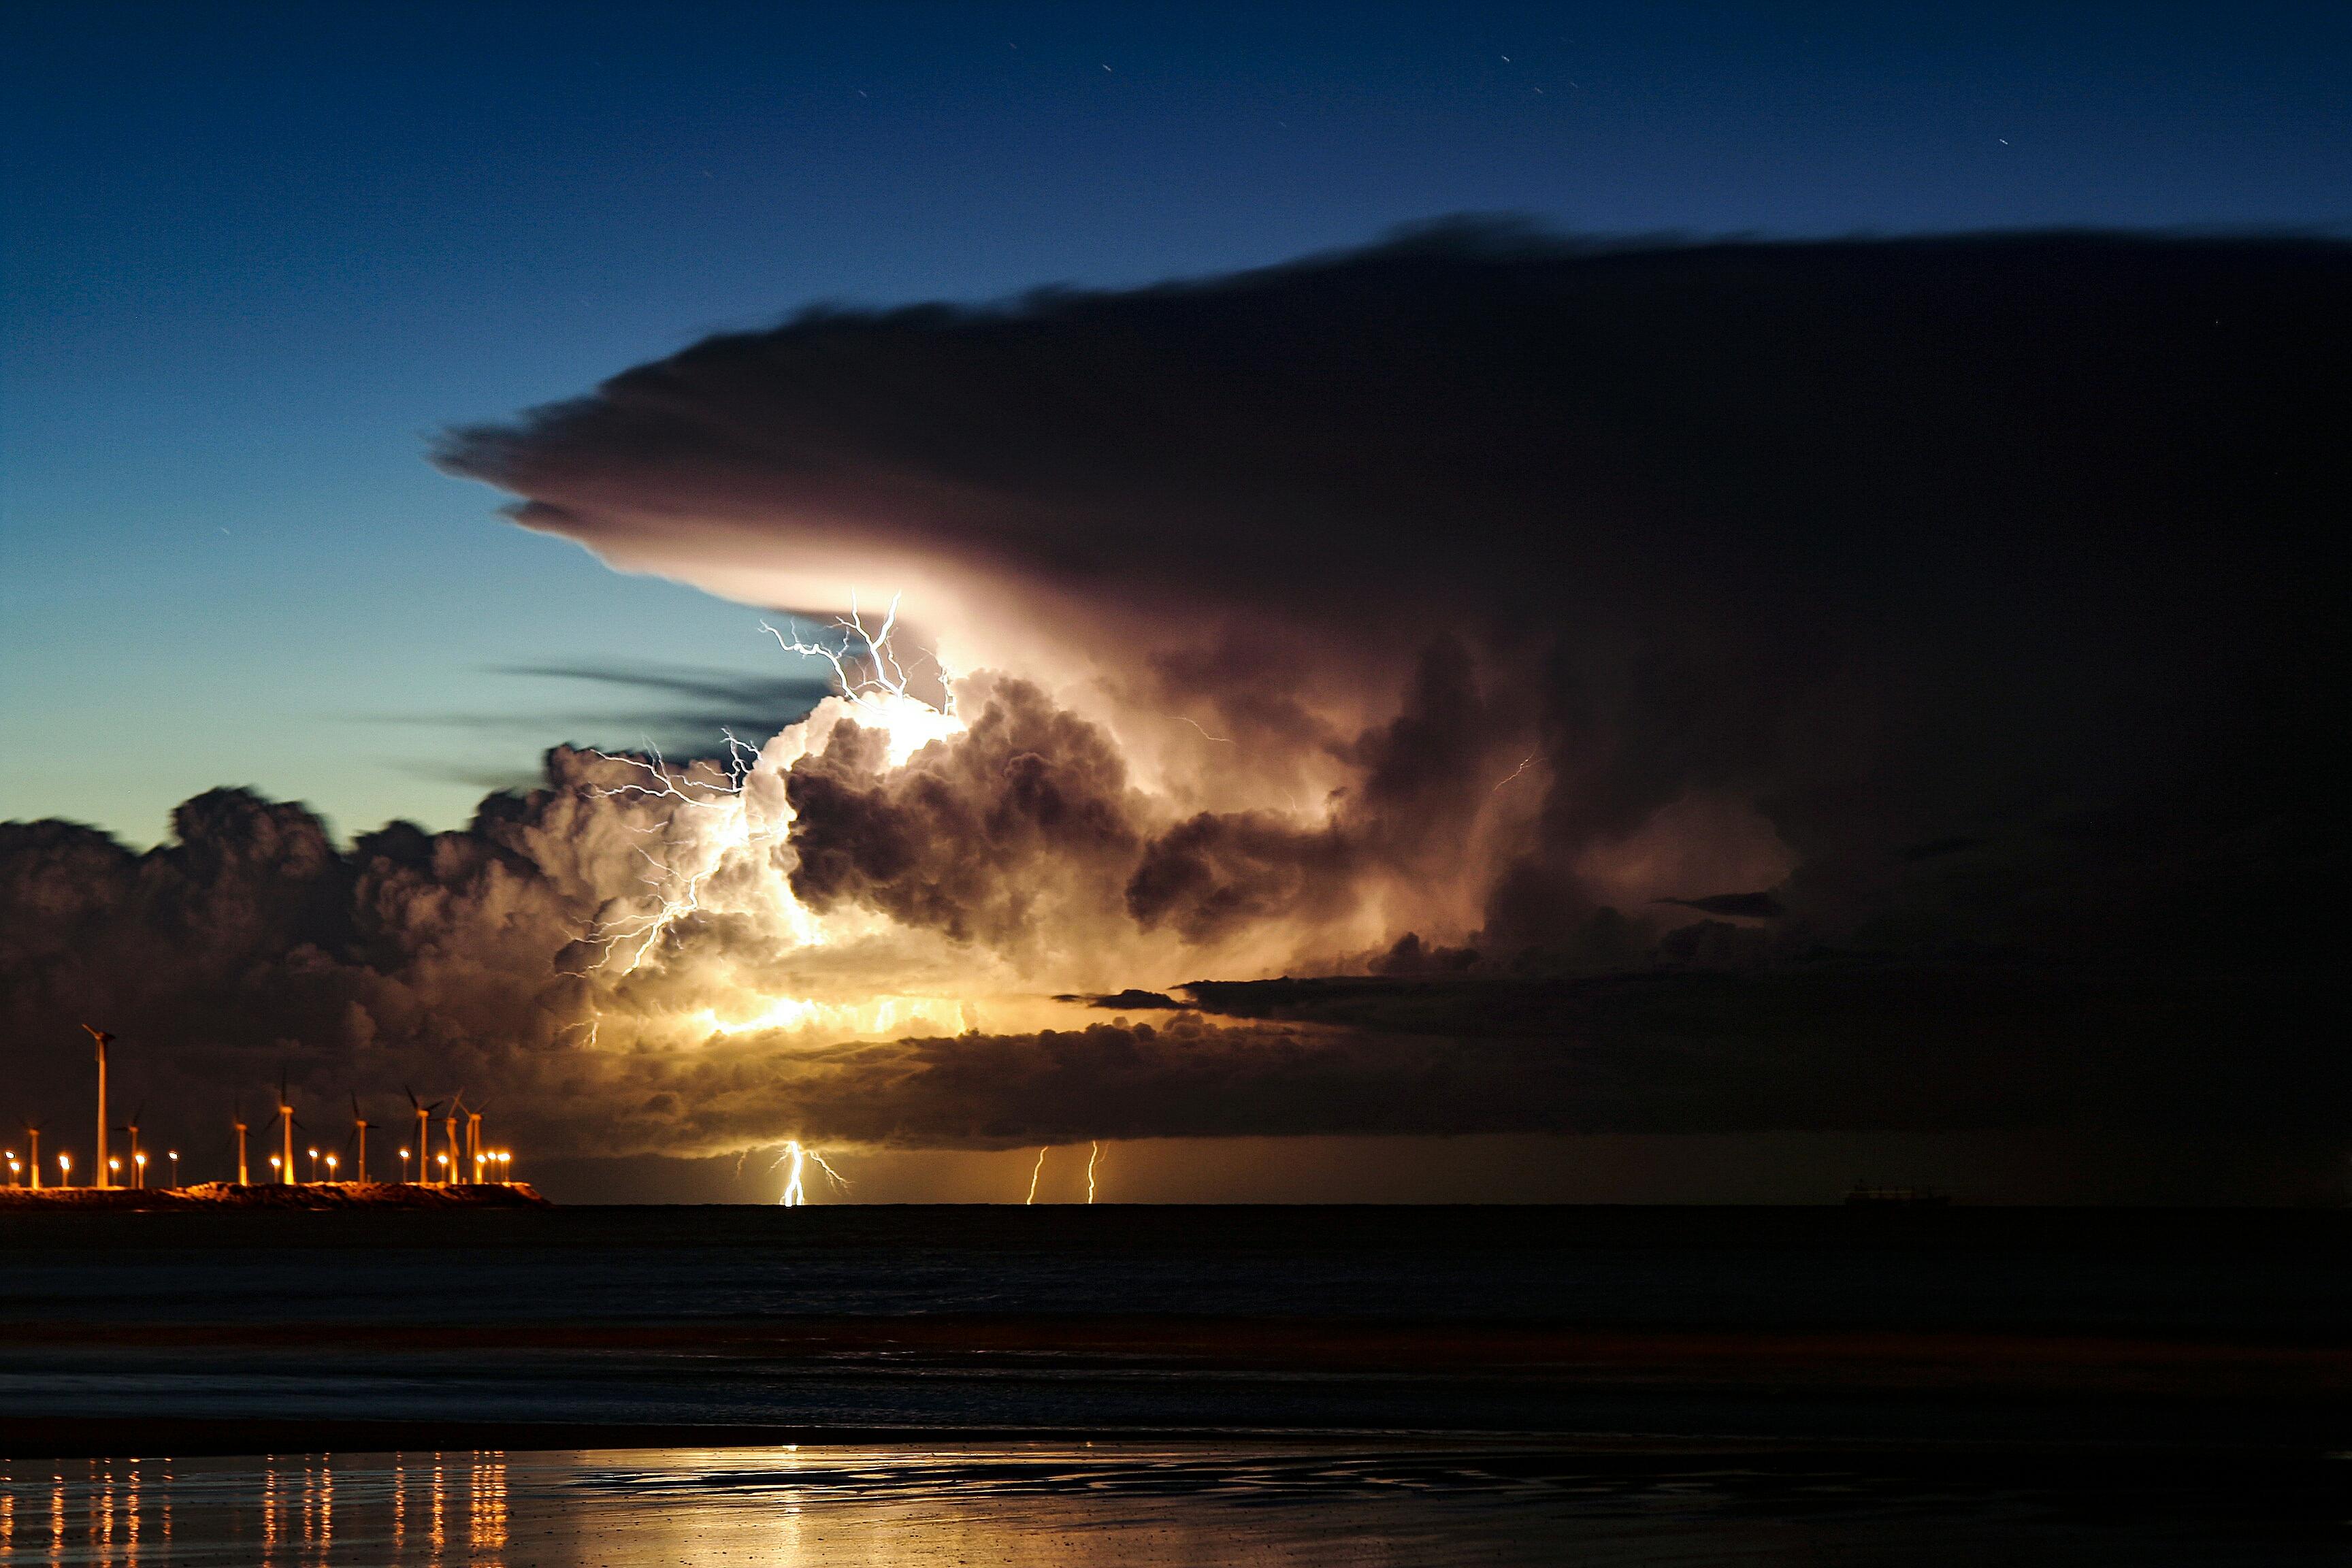 'Lightning and wind'. Zeebrugge, Belgium